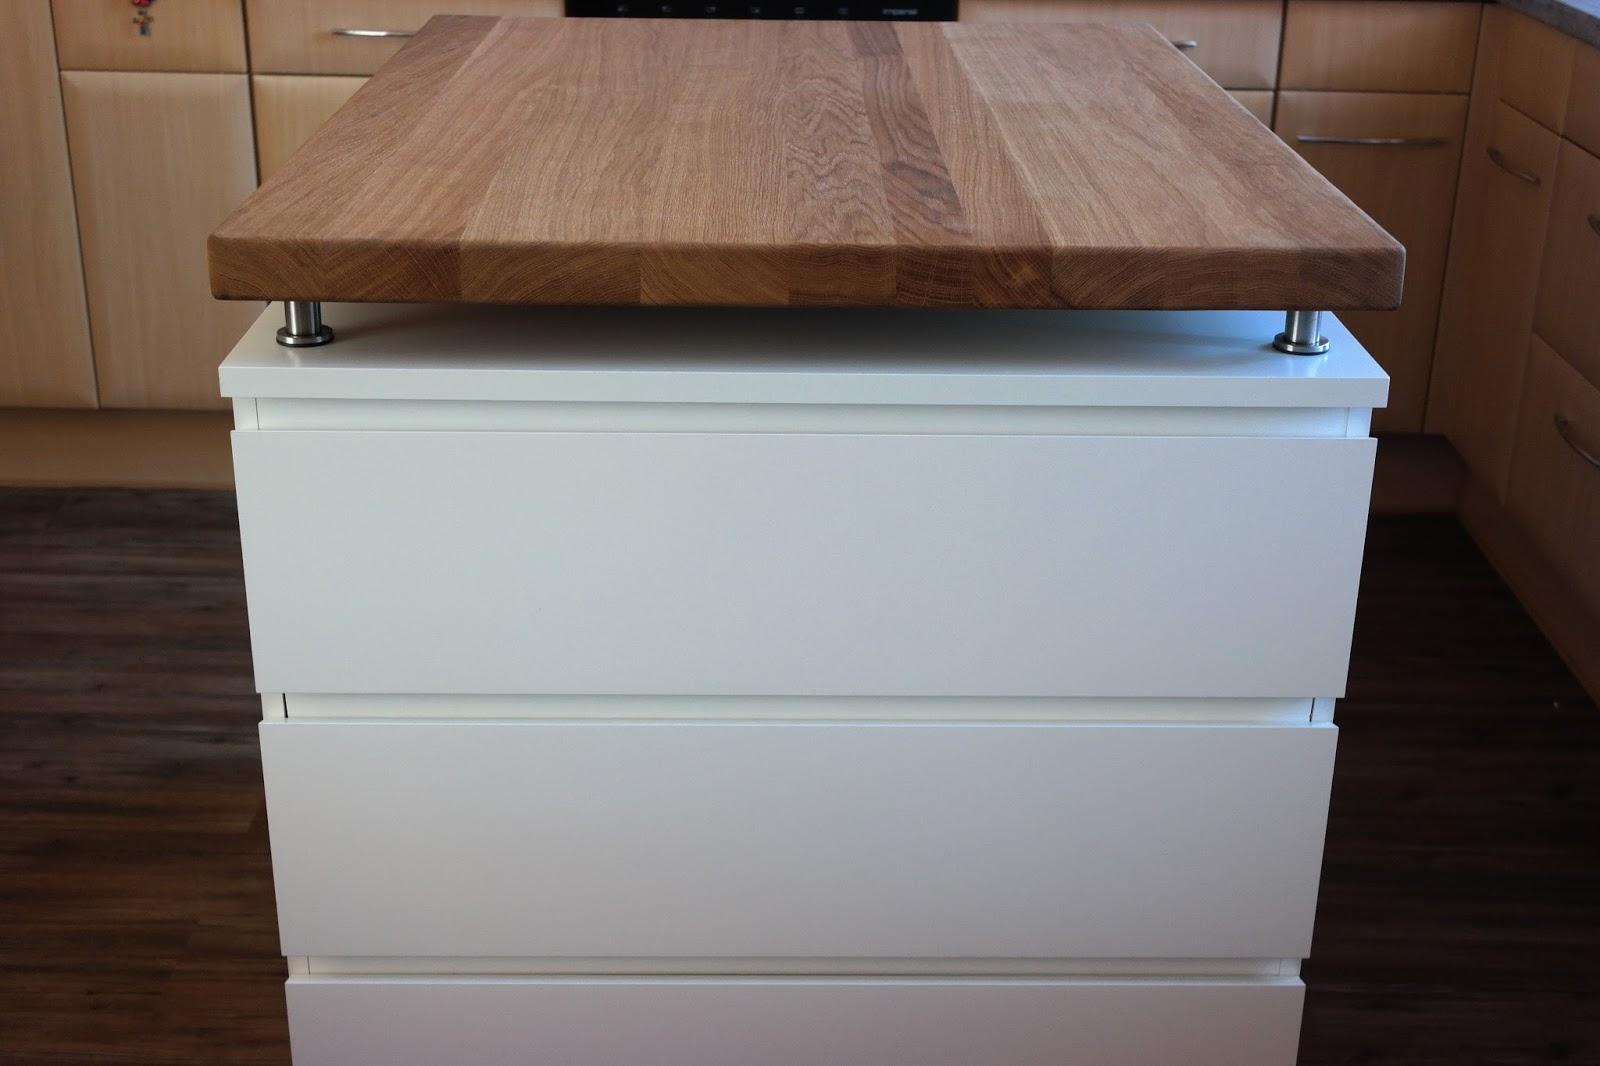 Außenküche Selber Bauen Ikea : Selbstbau kücheninsel außenküche selber bauen genial gemütlich